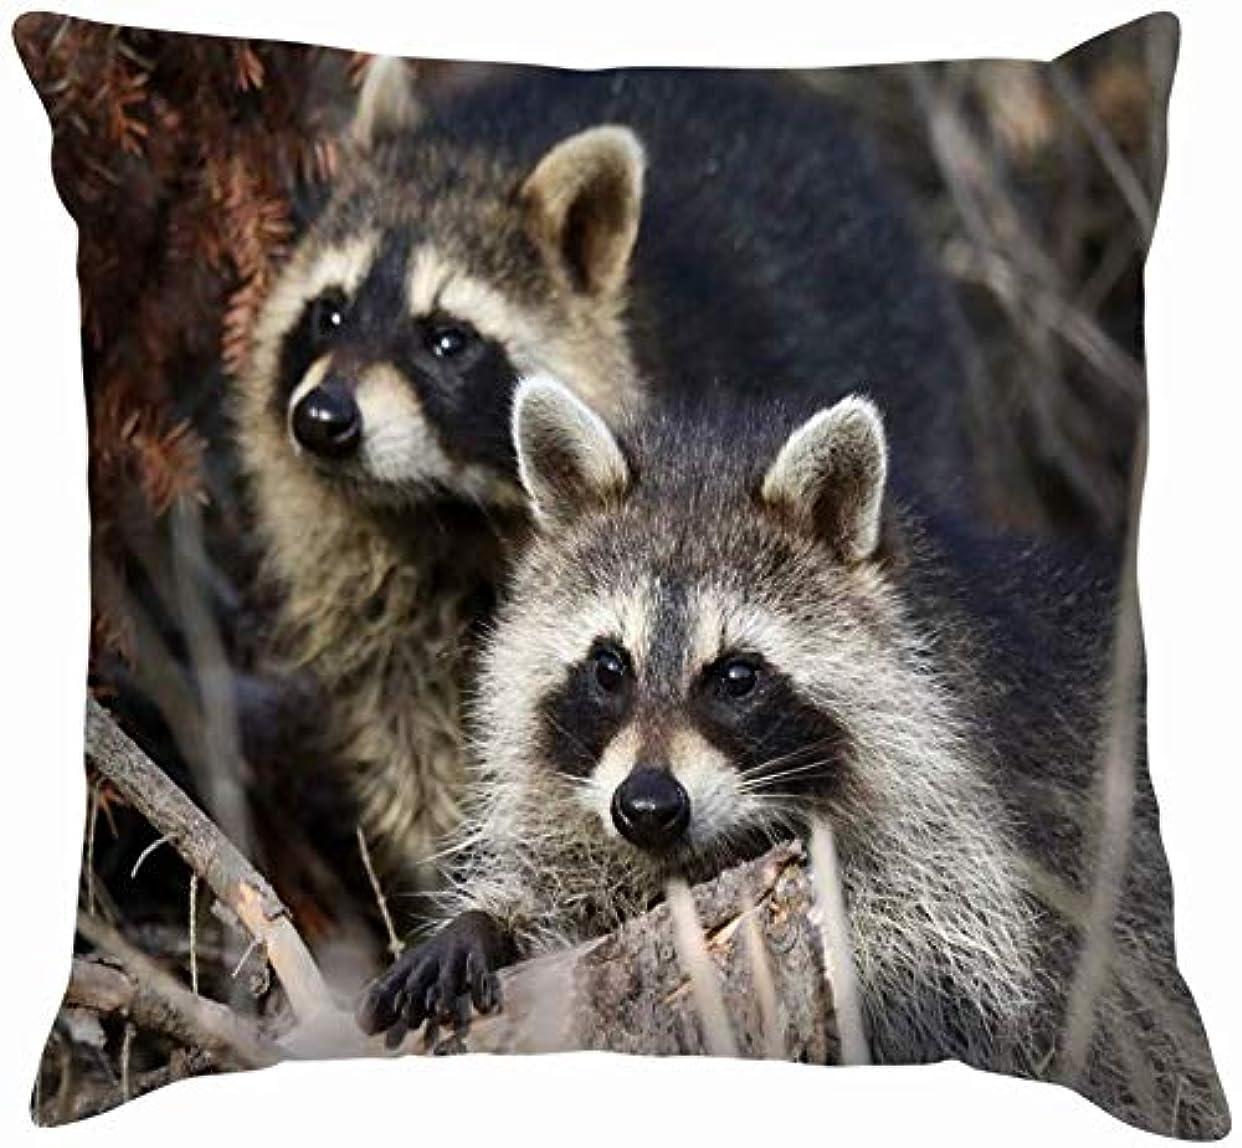 レモンラジウムピン慎重な動物である若いアライグマ野生動物投げる枕カバーホームソファクッションカバー枕カバーギフト45x45 cm